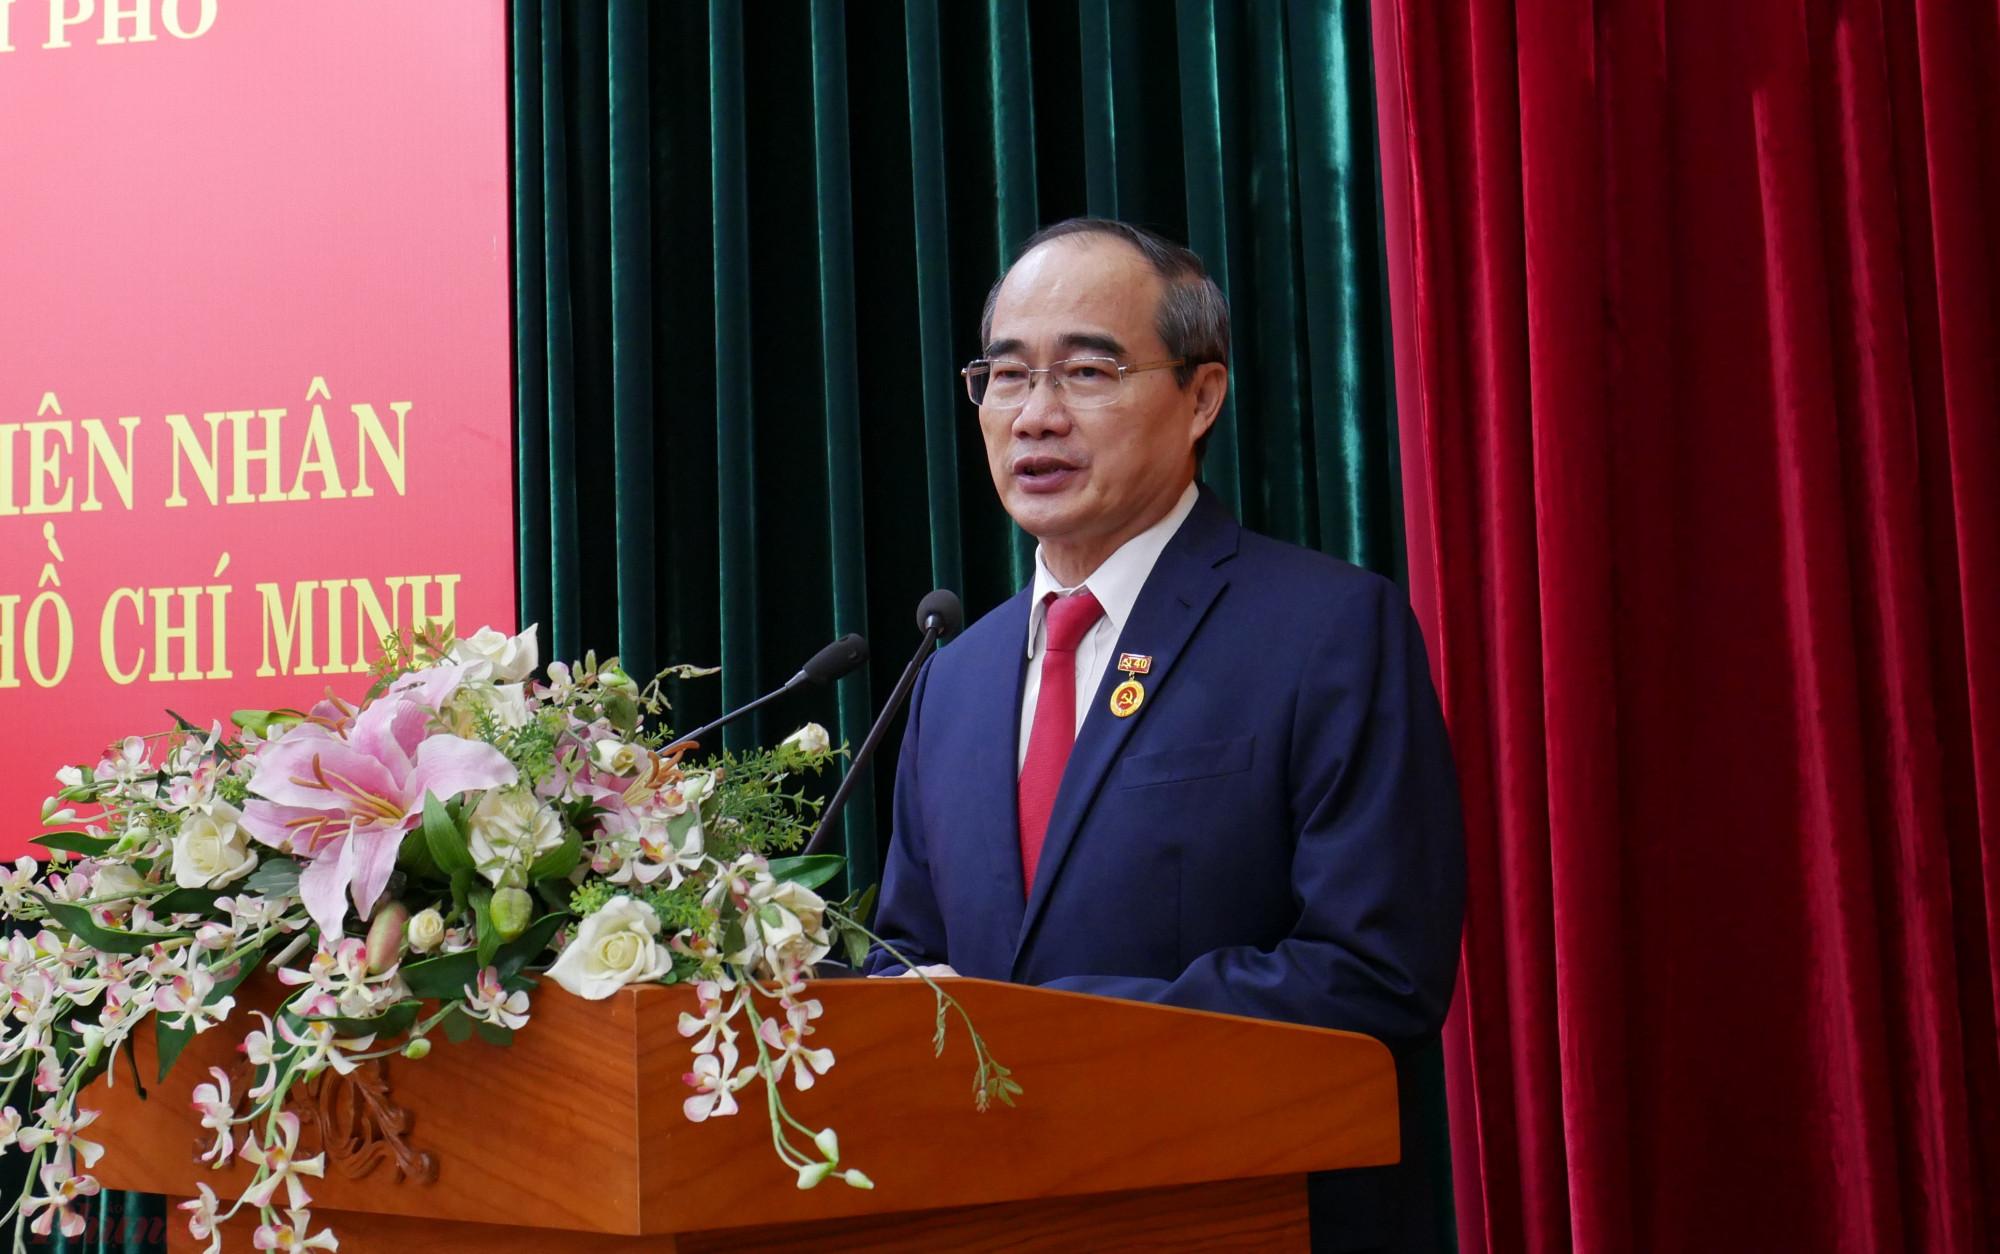 Nhận huy chương 40 năm tuổi Đảng, Bí thư Thành ủy Nguyễn Thiện Nhân xúc động: tôi chịu ơn Thành phố đã cưu mang và cho phép tôi được làm việc